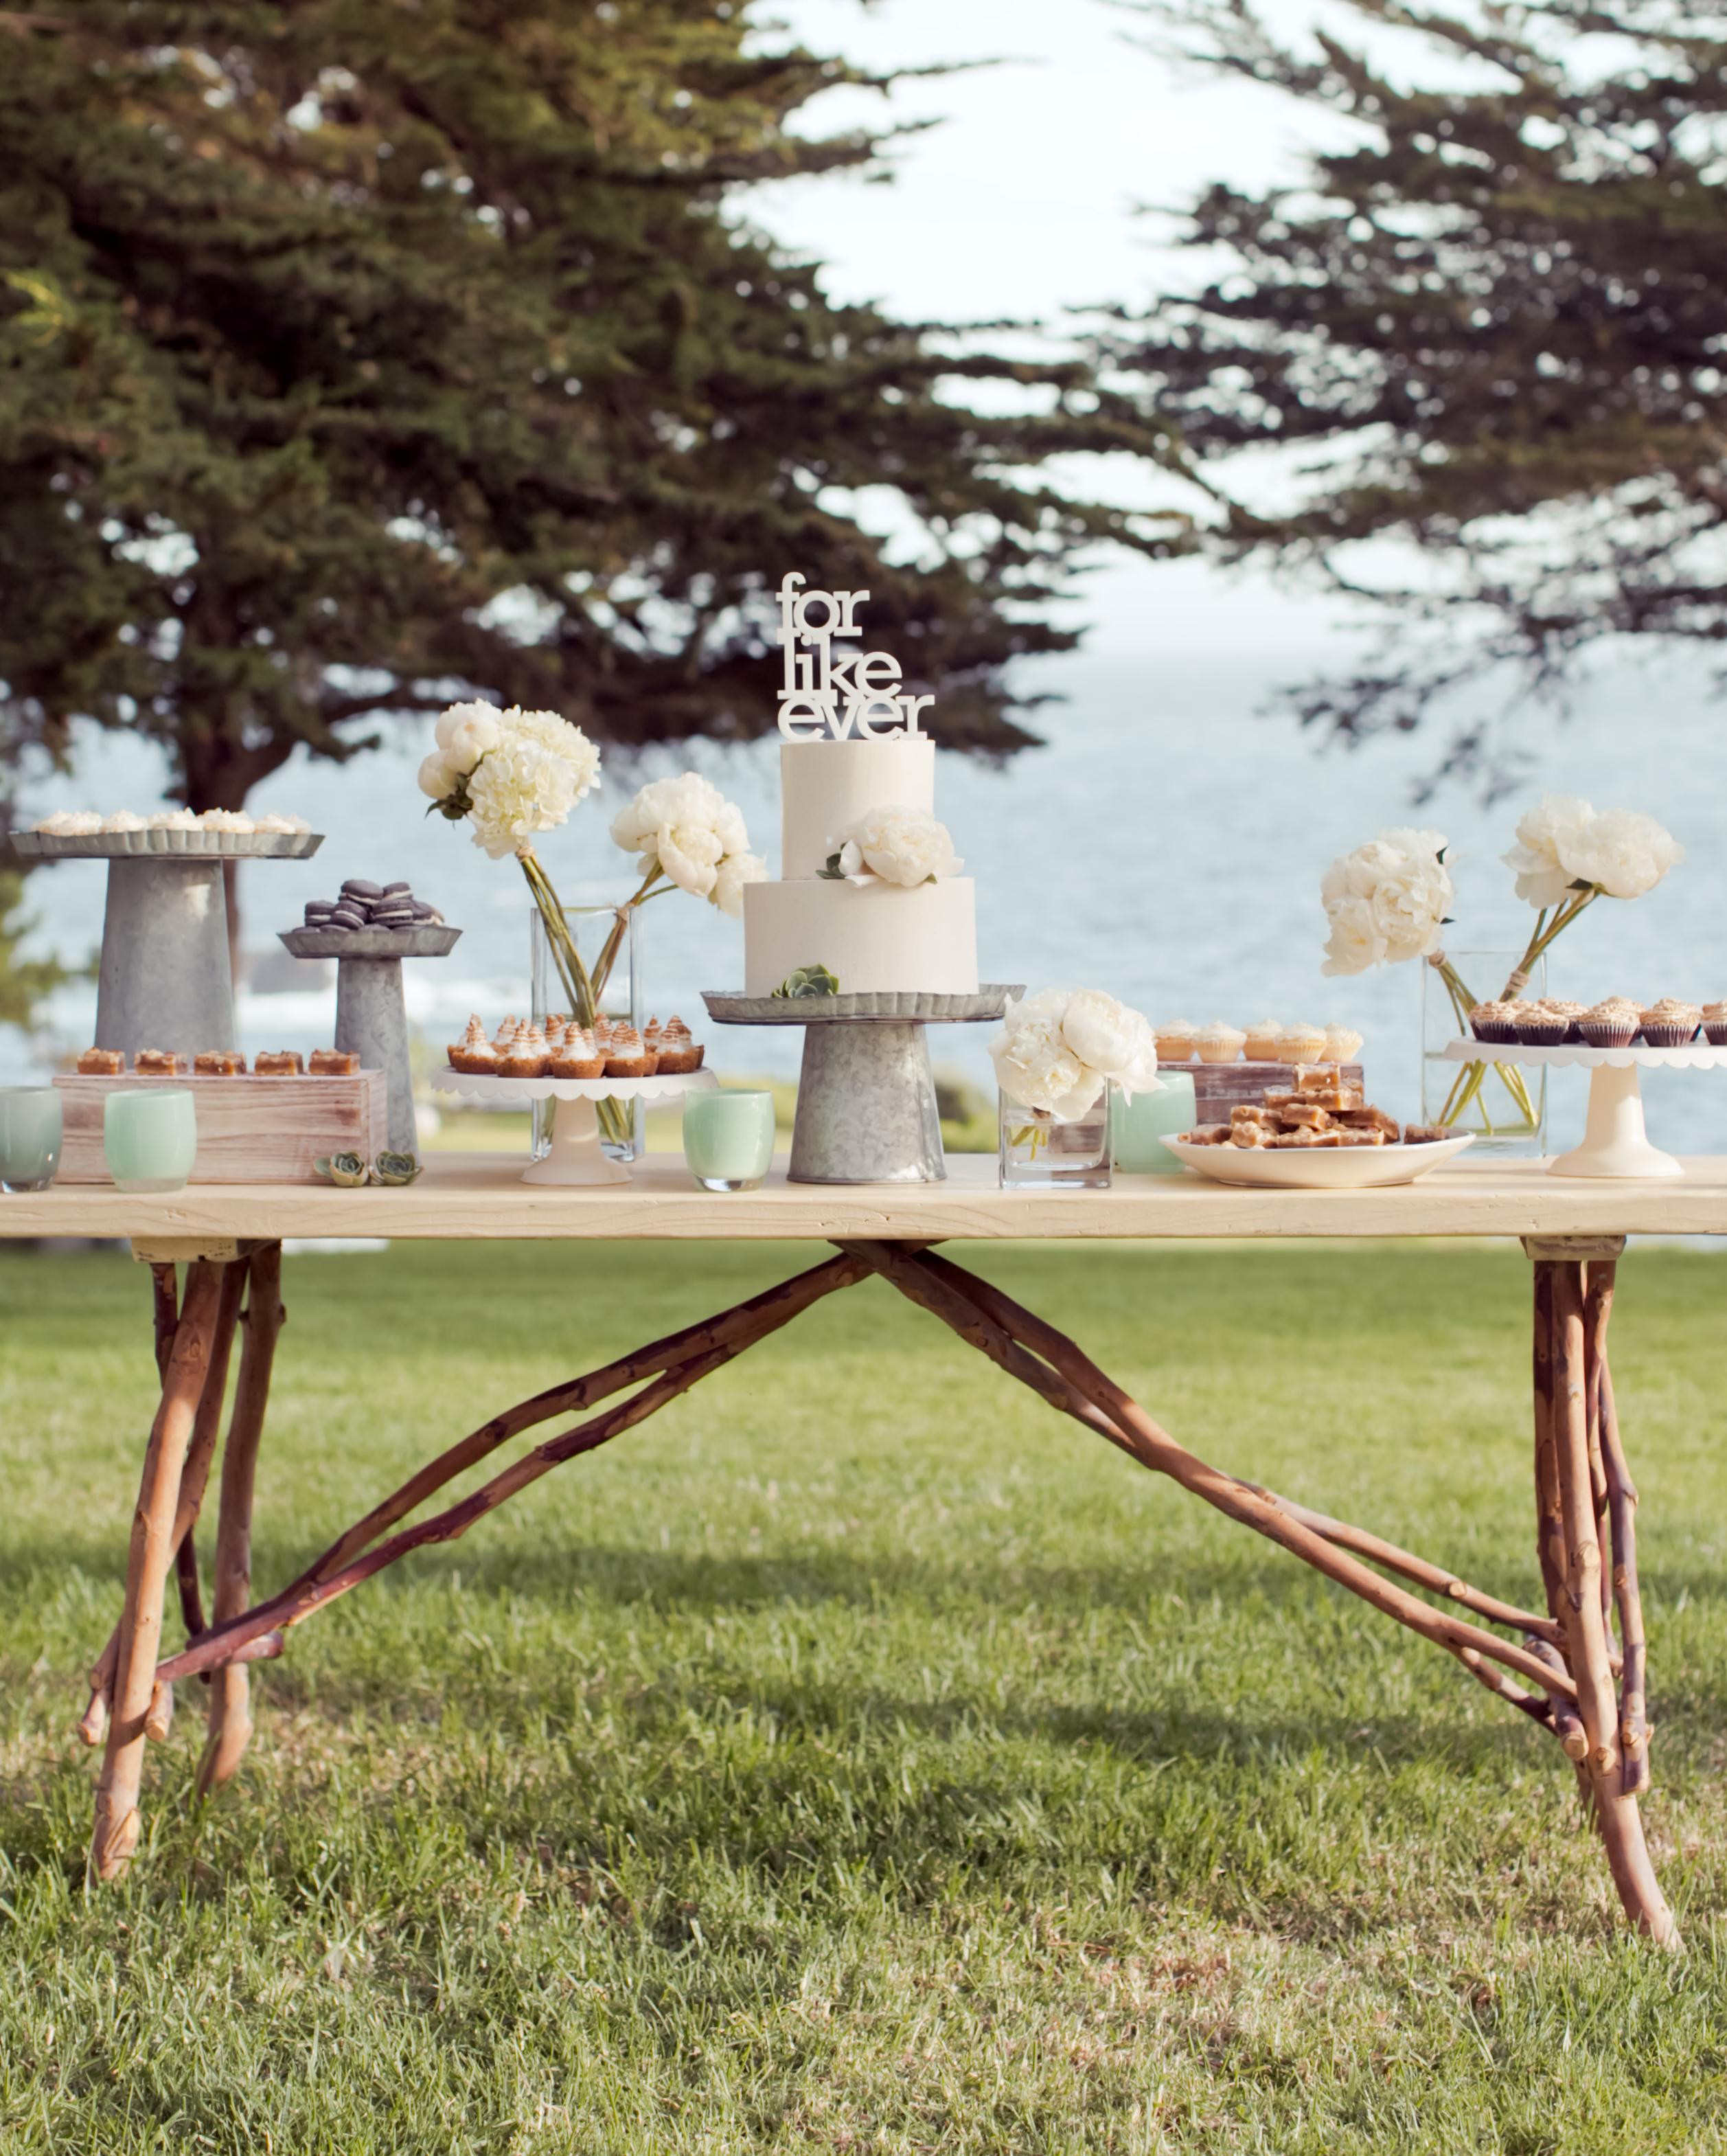 emma-michelle-wedding-desserts-1079-s112079-0715.jpg